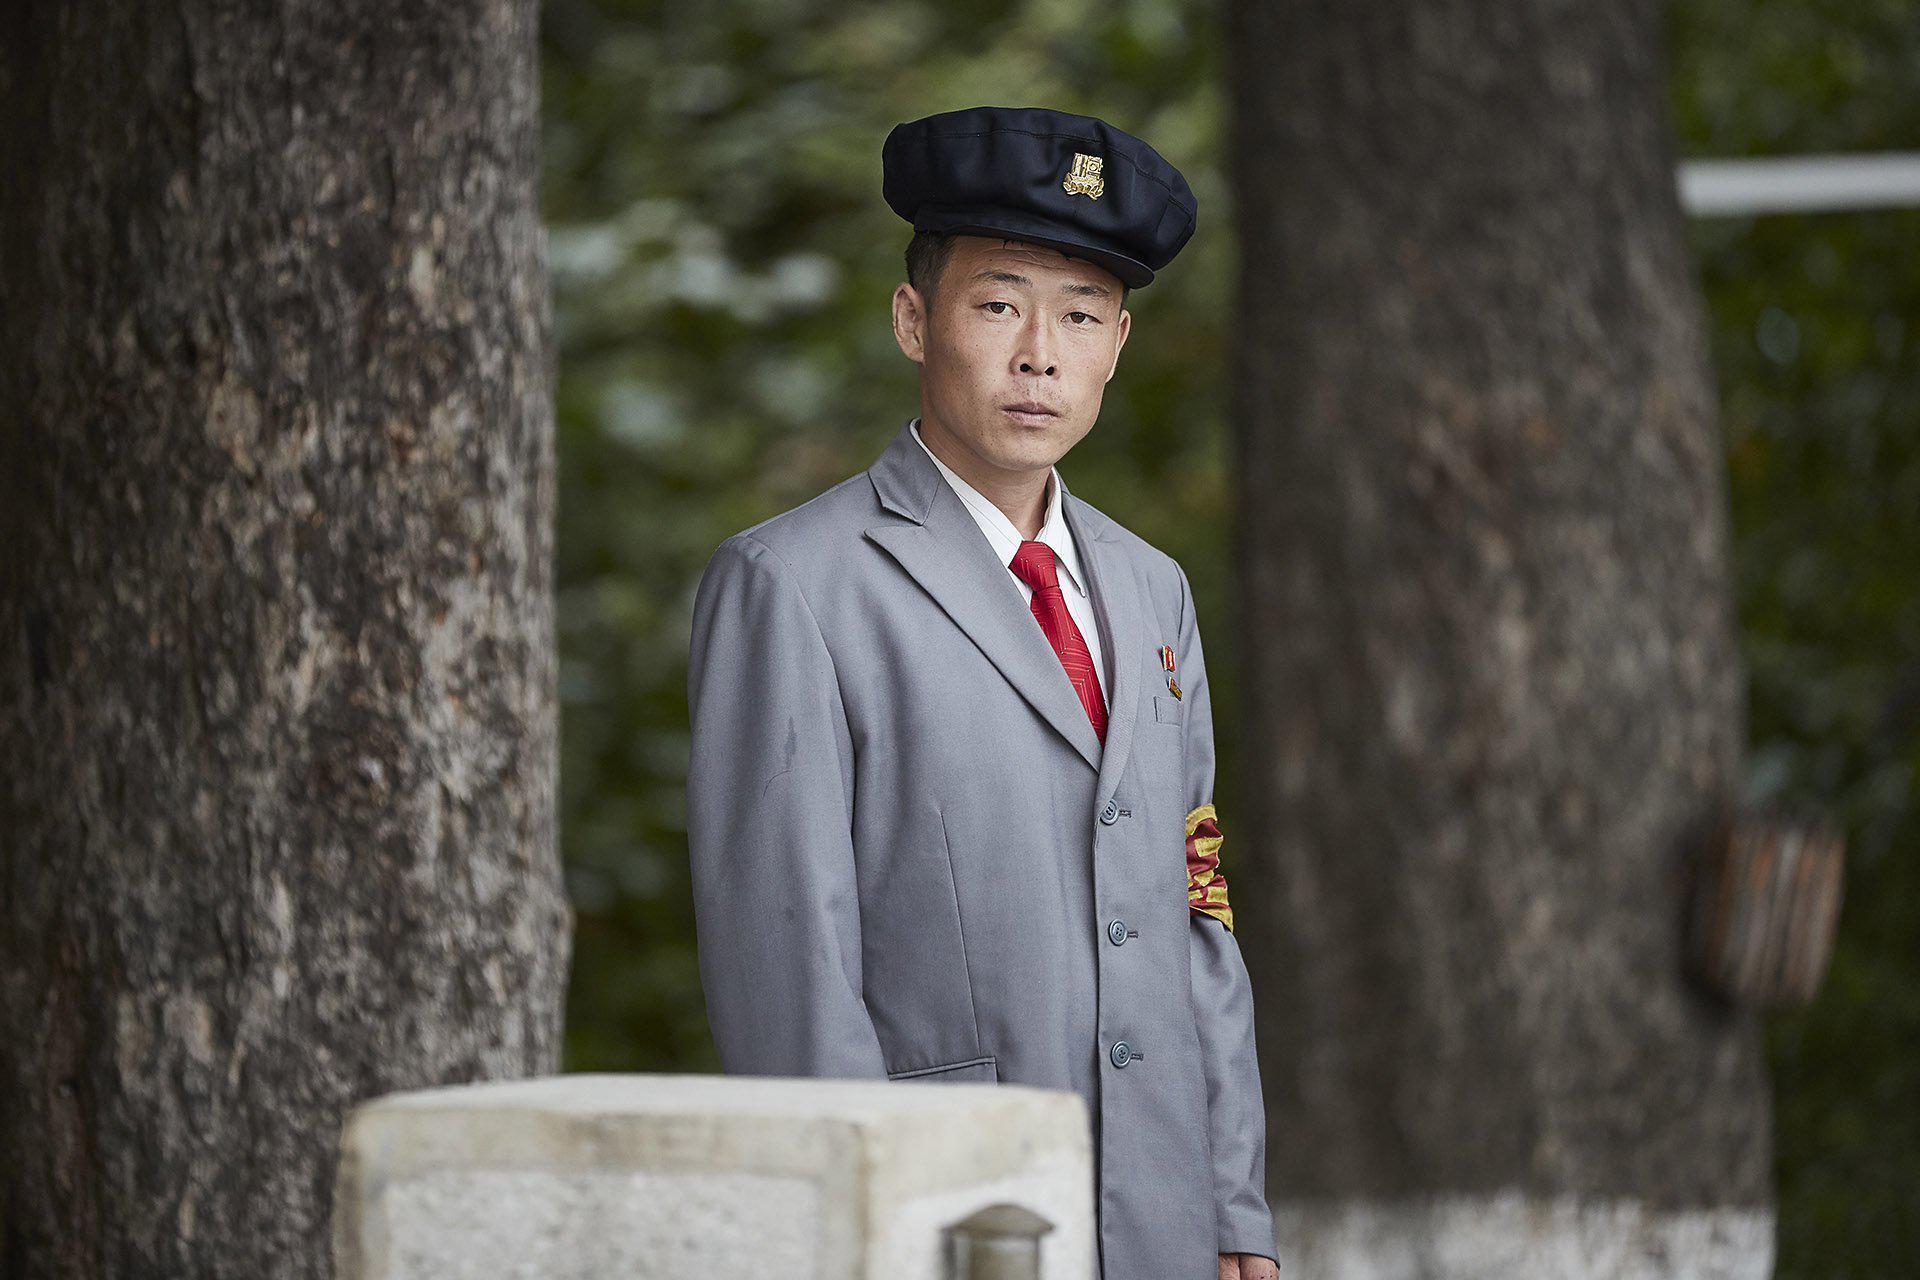 کیم جونگ اون دیکتاتور کره شمالی به پلیس مد و فشن این کشور دستور داده تا به مبارزه با نمادهای «ضد سوسیالیستی» در خیابان بپردازد.